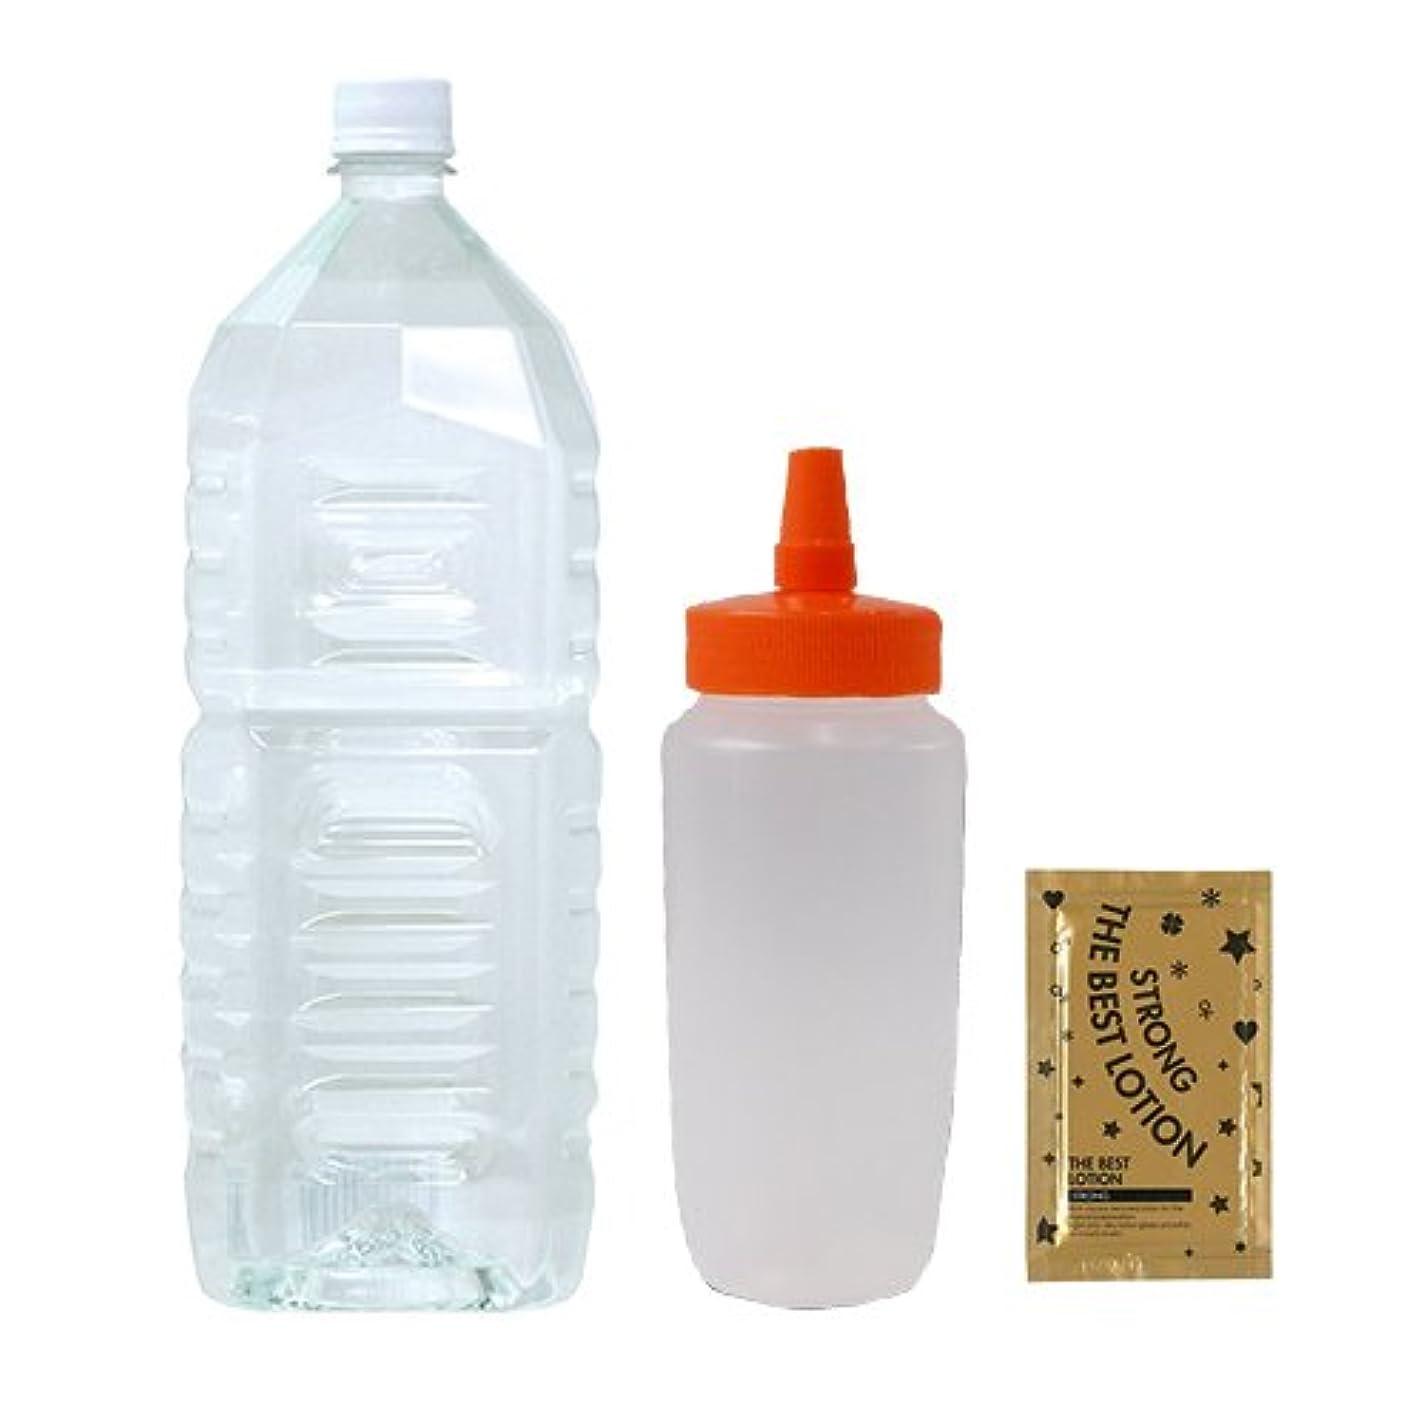 しなければならないパパ害クリアローション 2Lペットボトル ハードタイプ(5倍濃縮原液)+ はちみつ容器740ml(オレンジキャップ)+ ベストローションストロング 1包付き セット